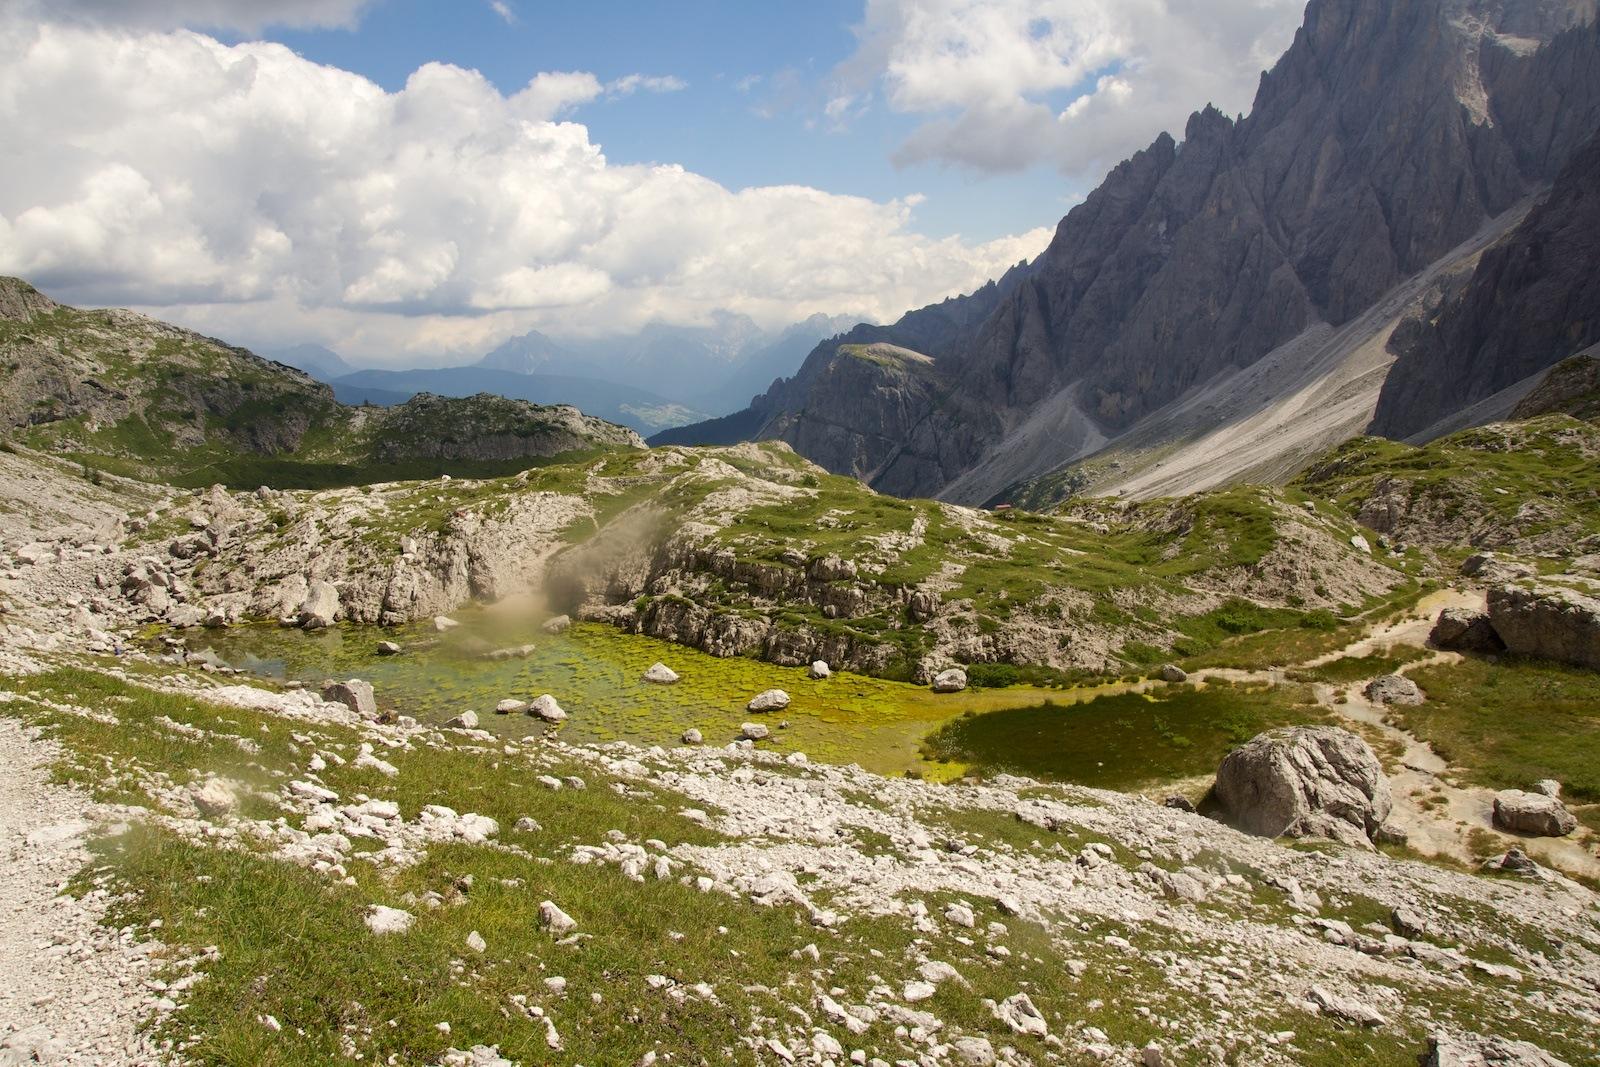 Roghel-Gabriella-Alpinisteig - 400